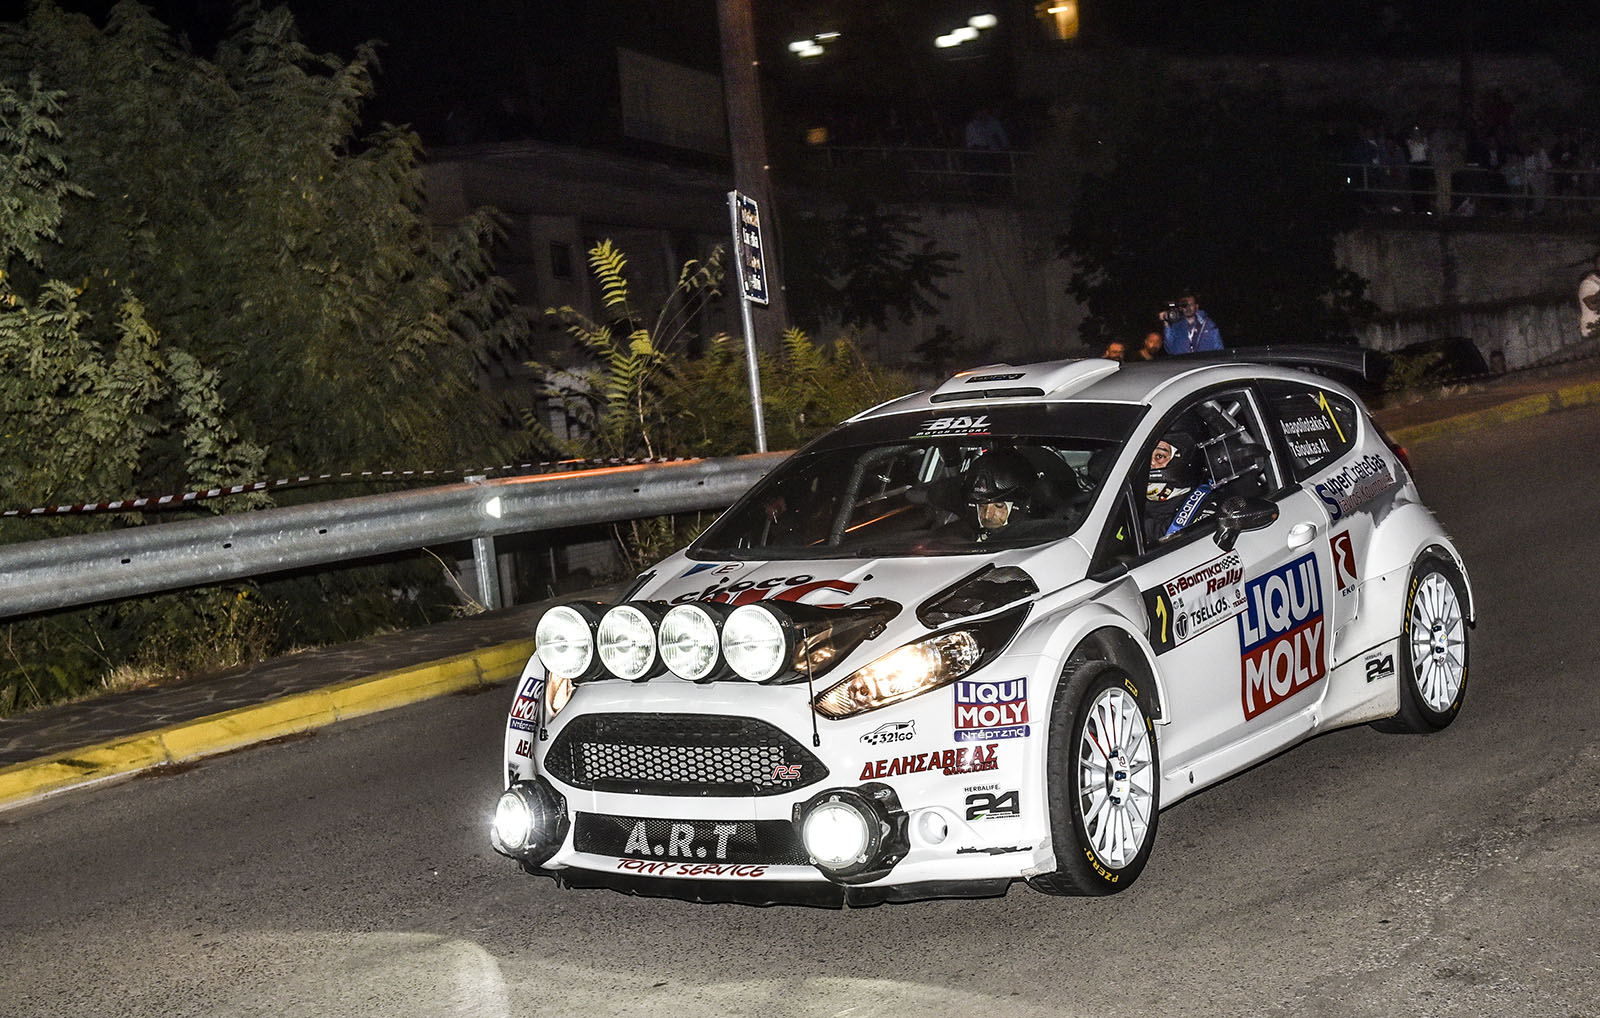 Νυχτερινό θέαμα στους δρόμους της Θήβας στο Πανελλήνιο Πρωτάθλημα Ράλι Ασφάλτου